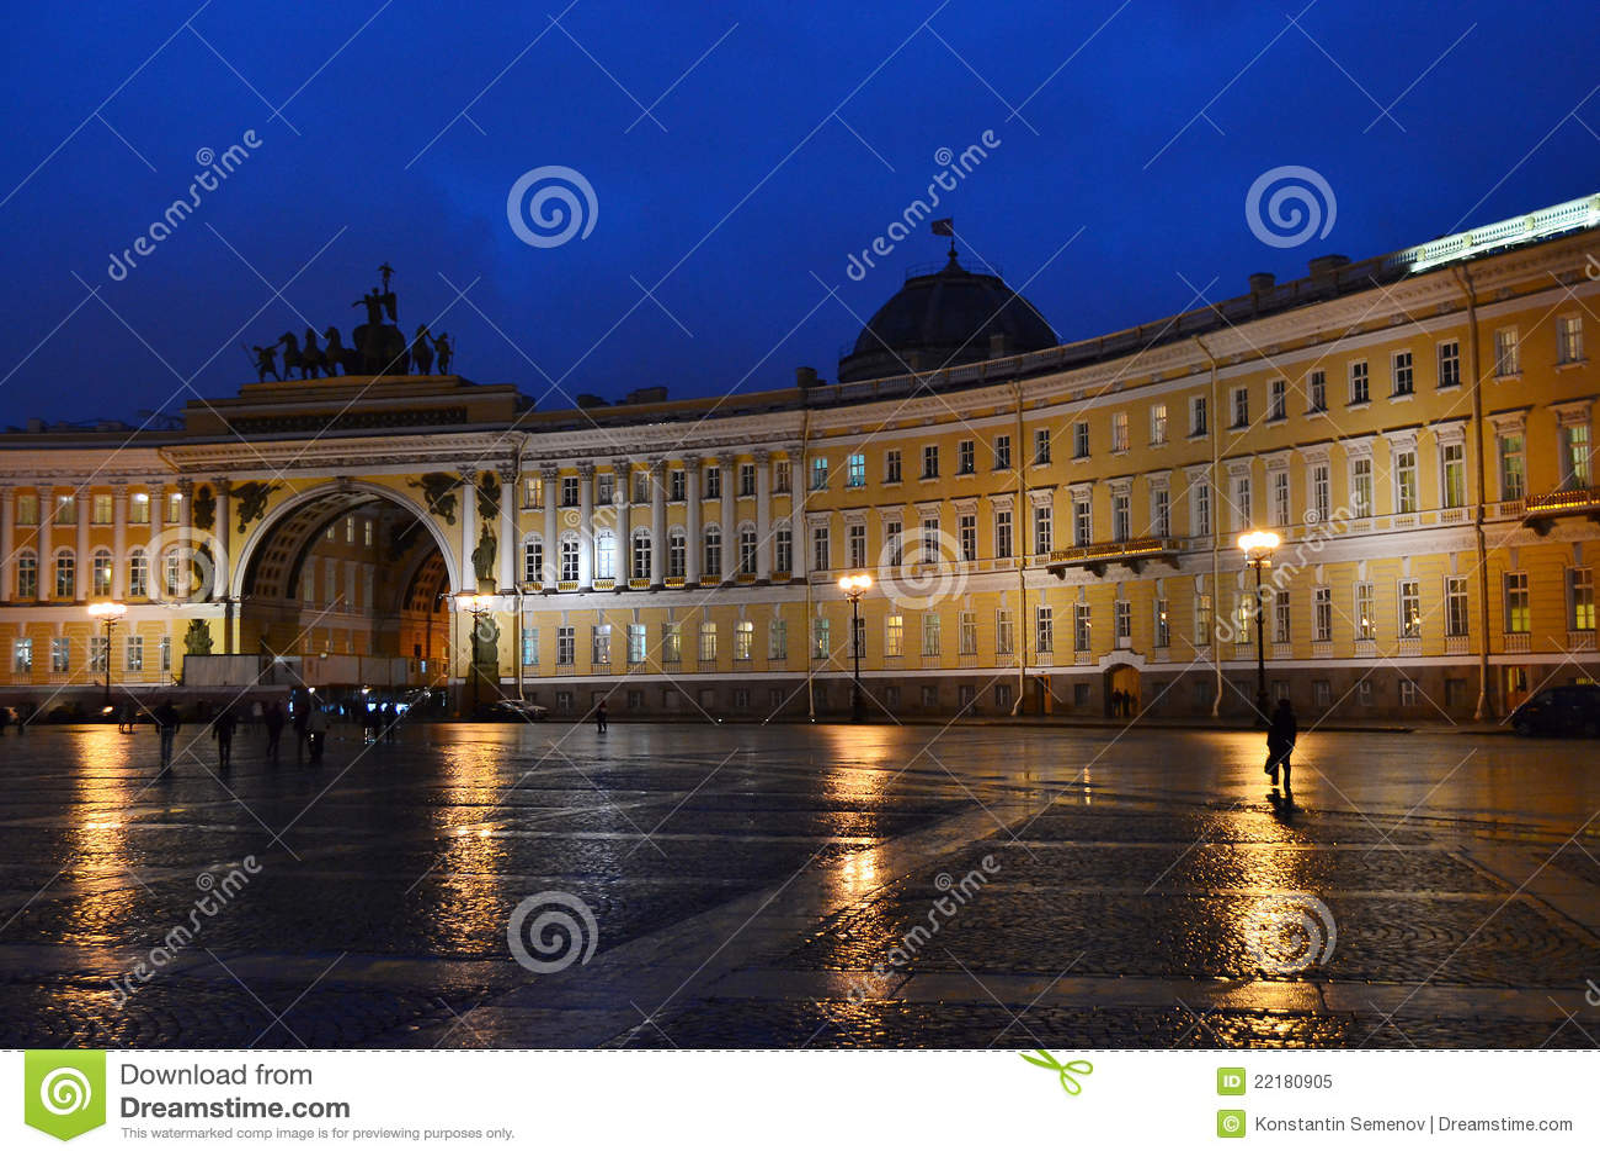 Το τετράγωνο παλατιών στο ST Πετρούπολη τη νύχτα